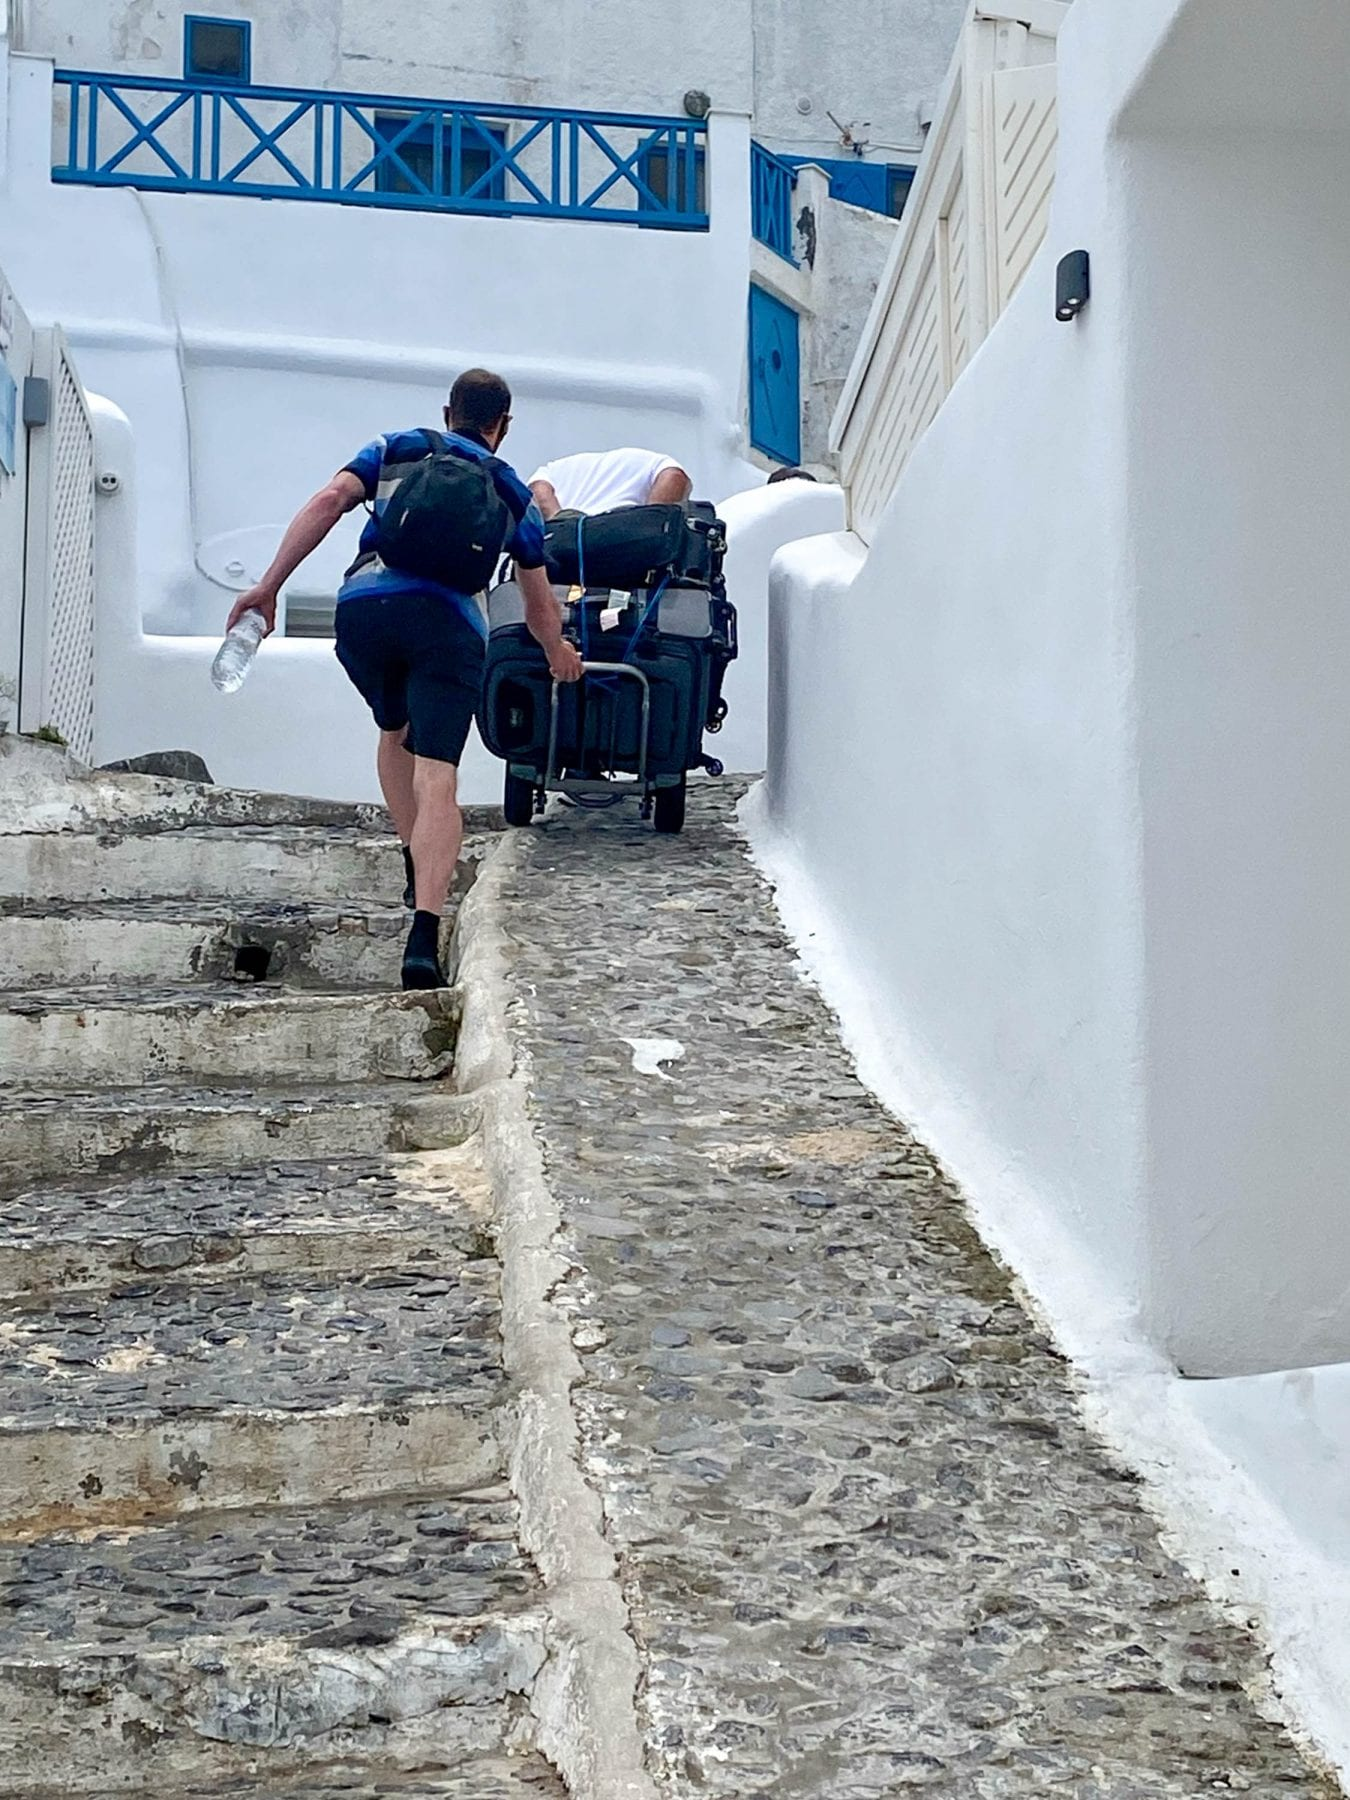 Luggage haul on Caldera